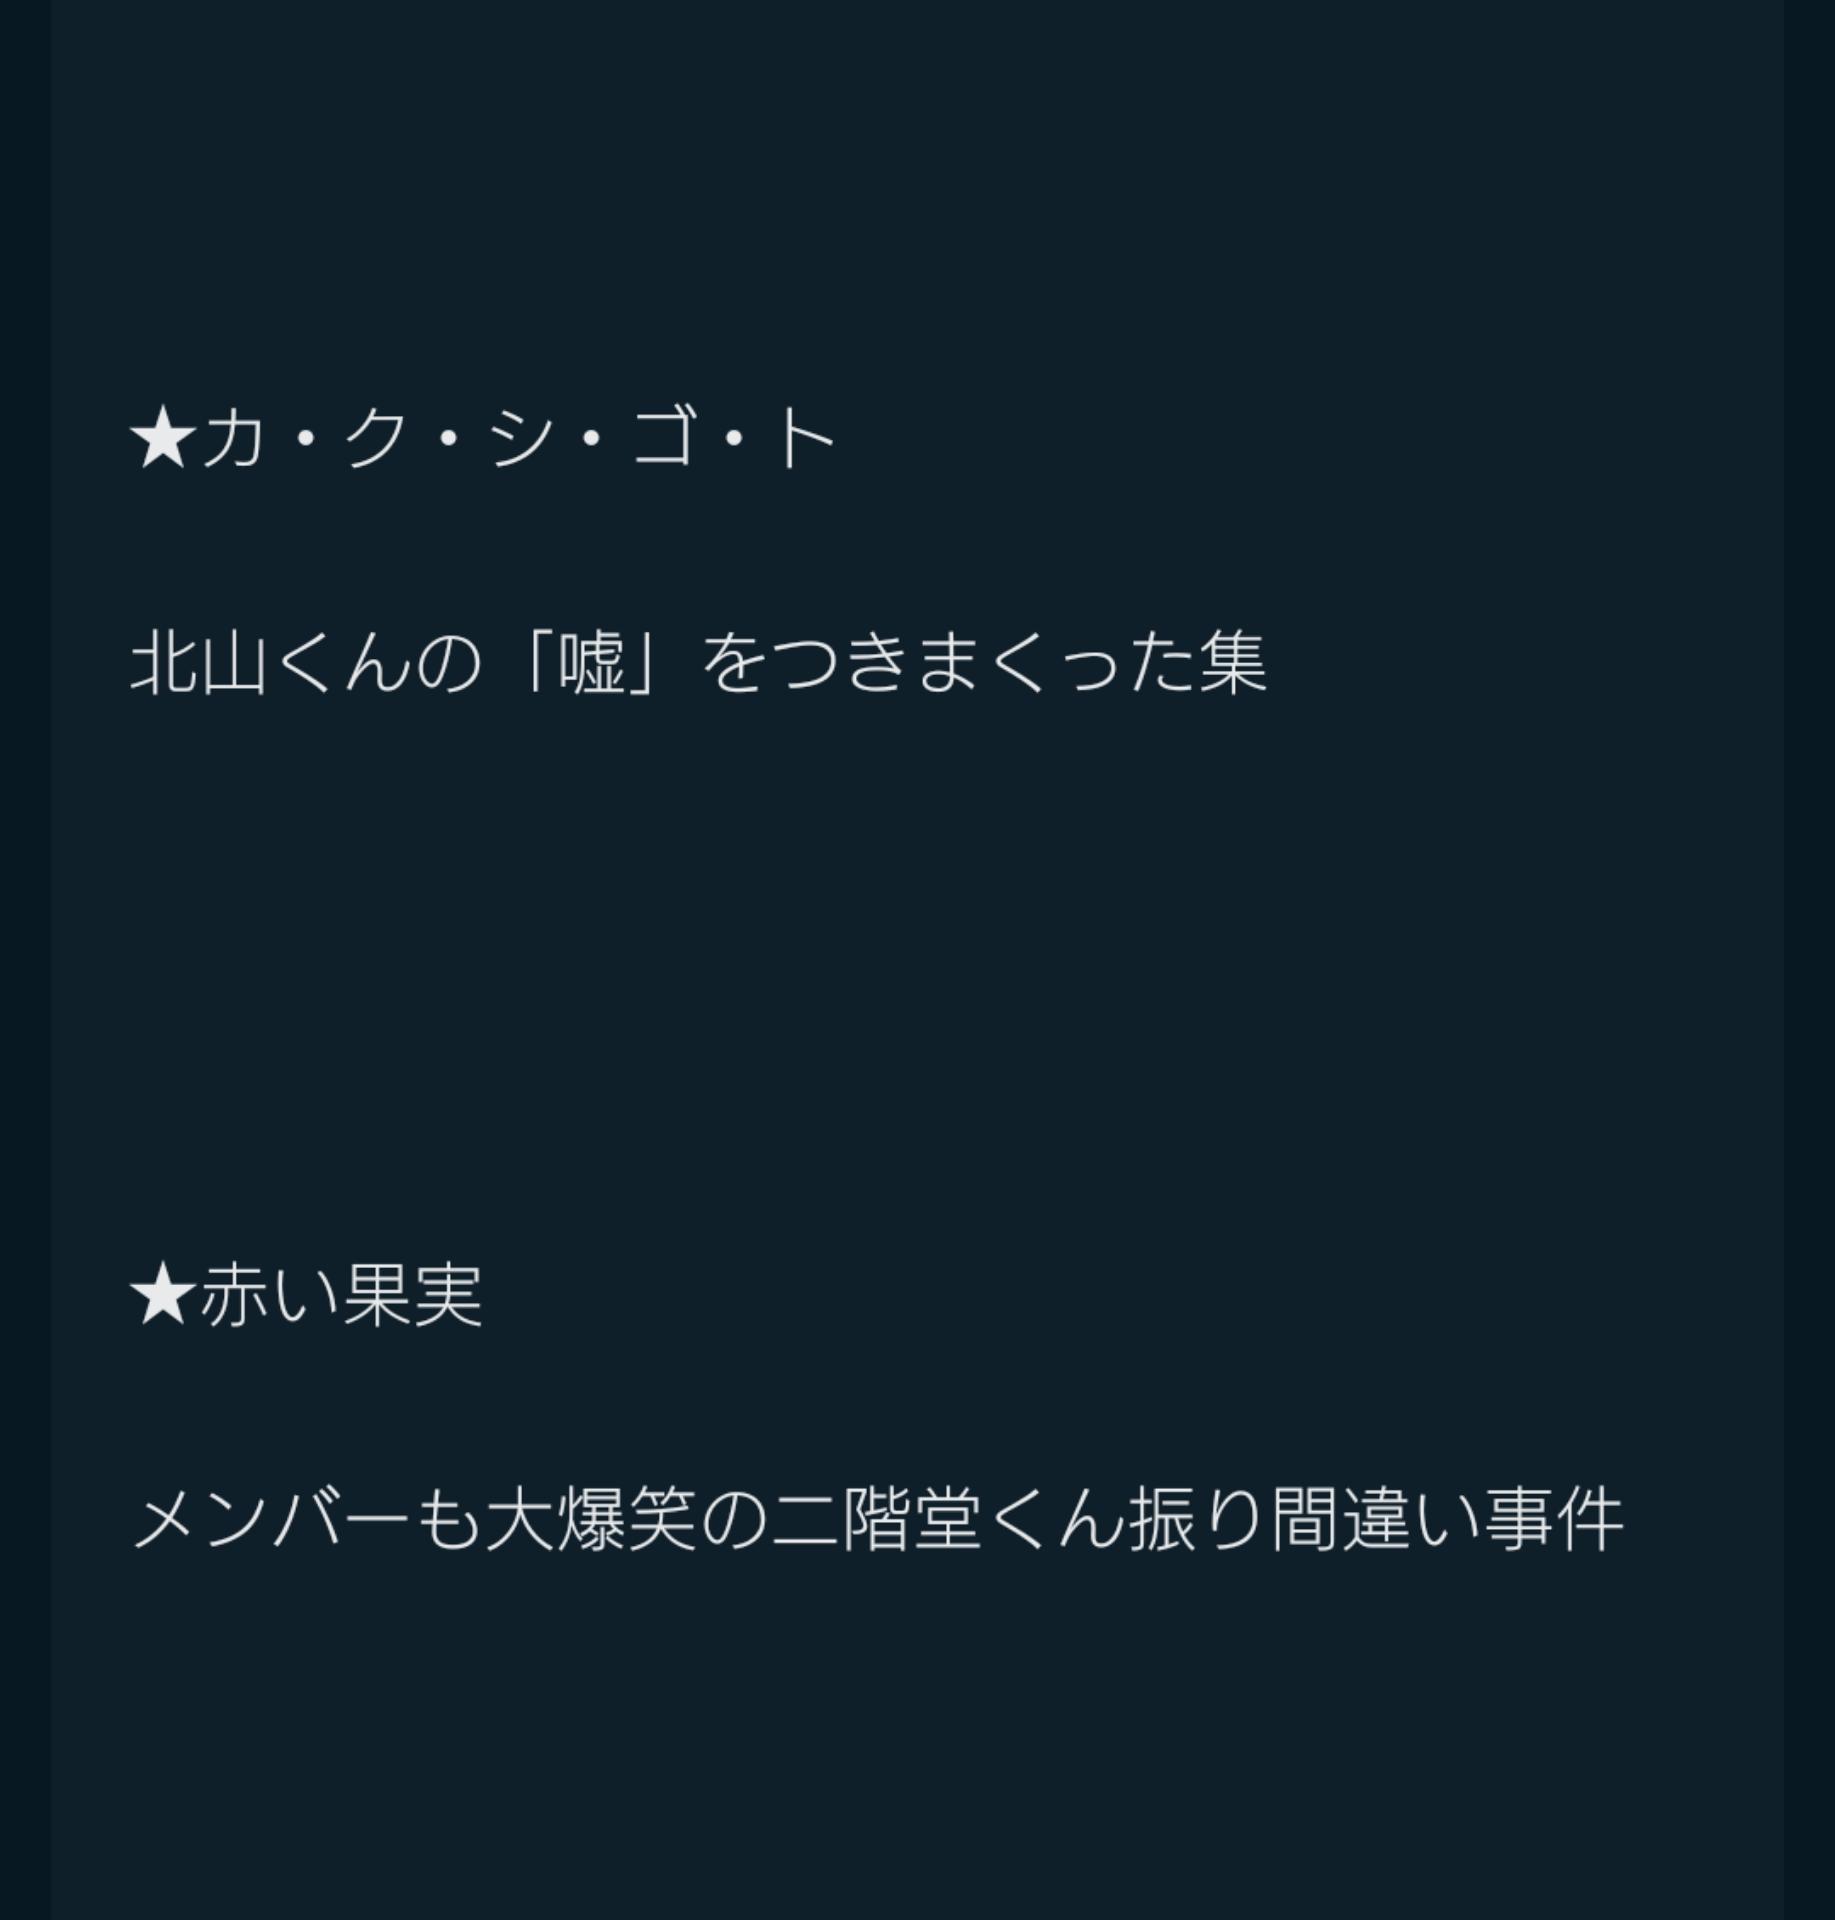 20181104213101cb1.jpg